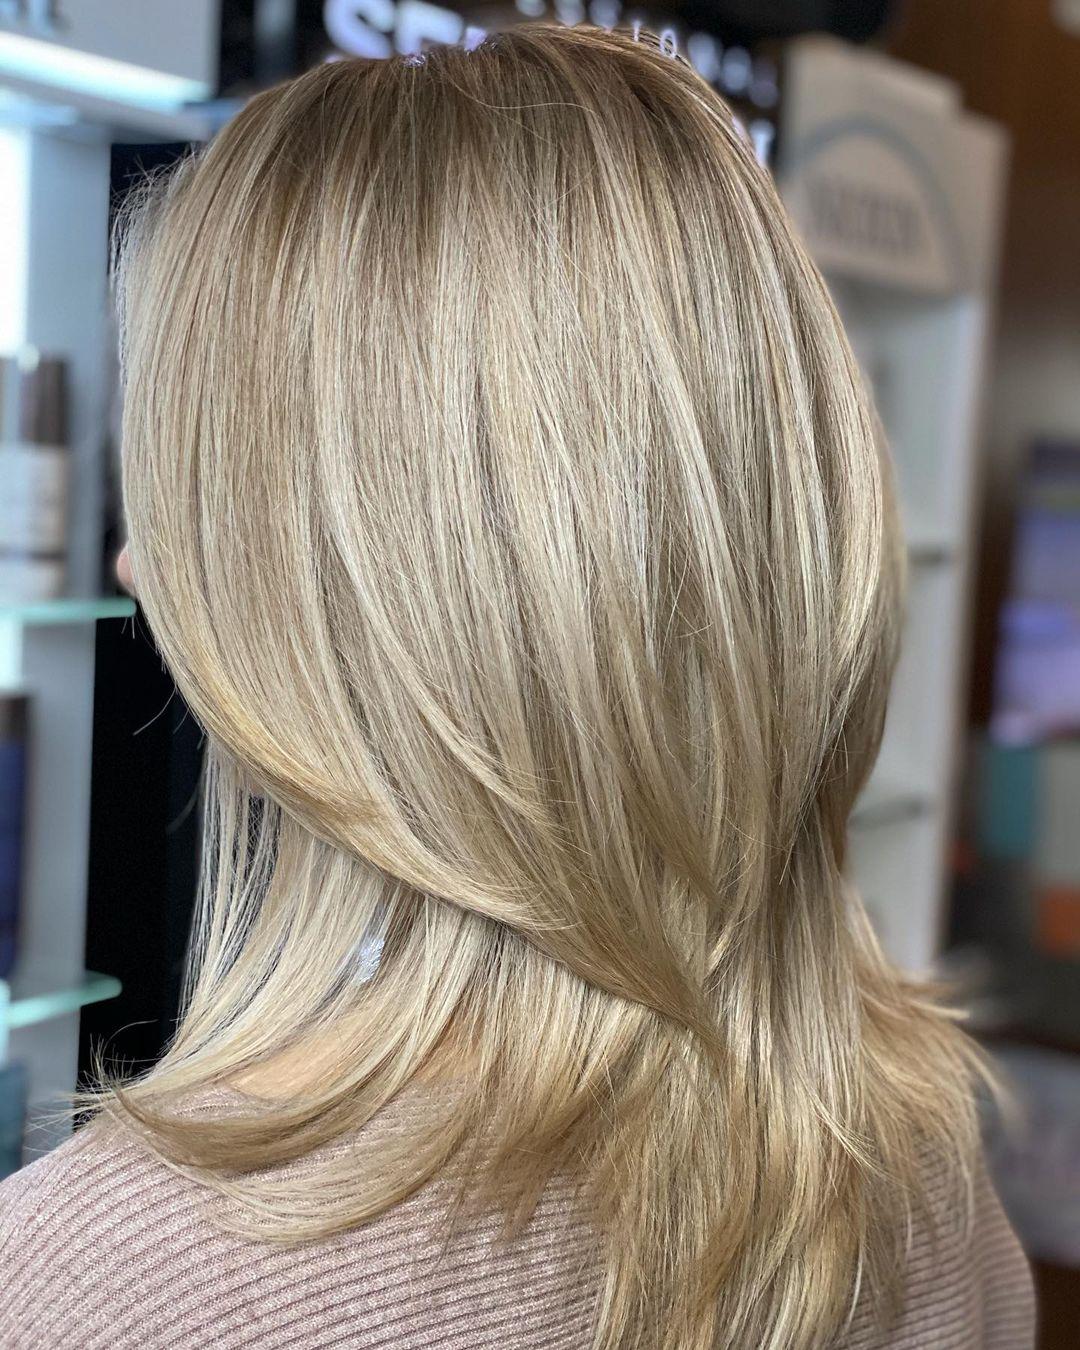 Straight Medium Layered Hairstyle